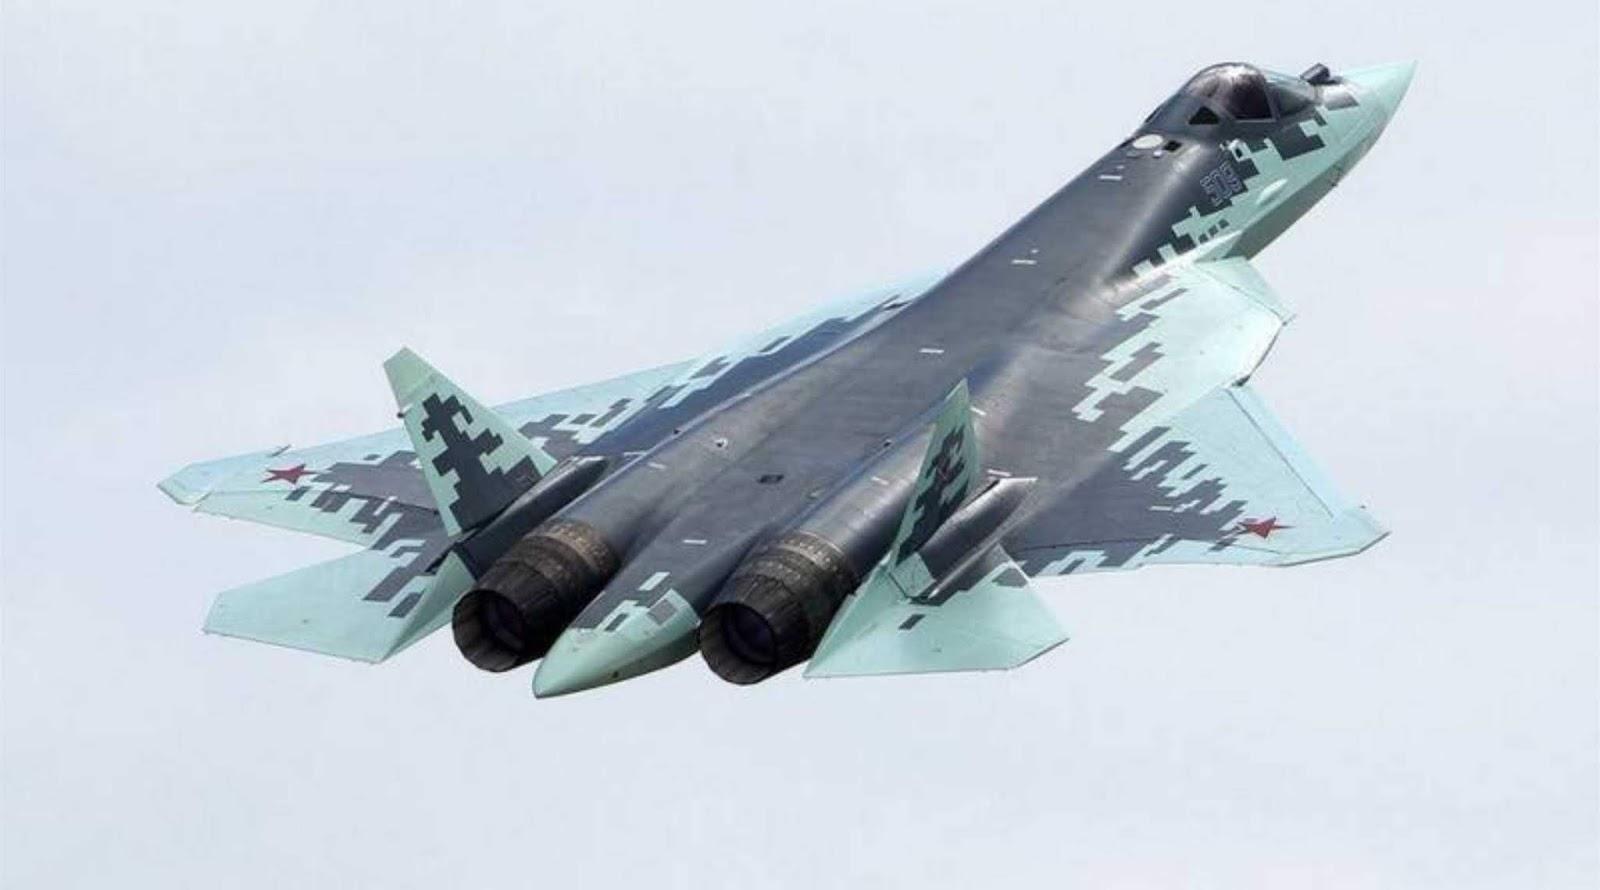 Pengembang mengungkapkan senjata Su-57 dimasa depan